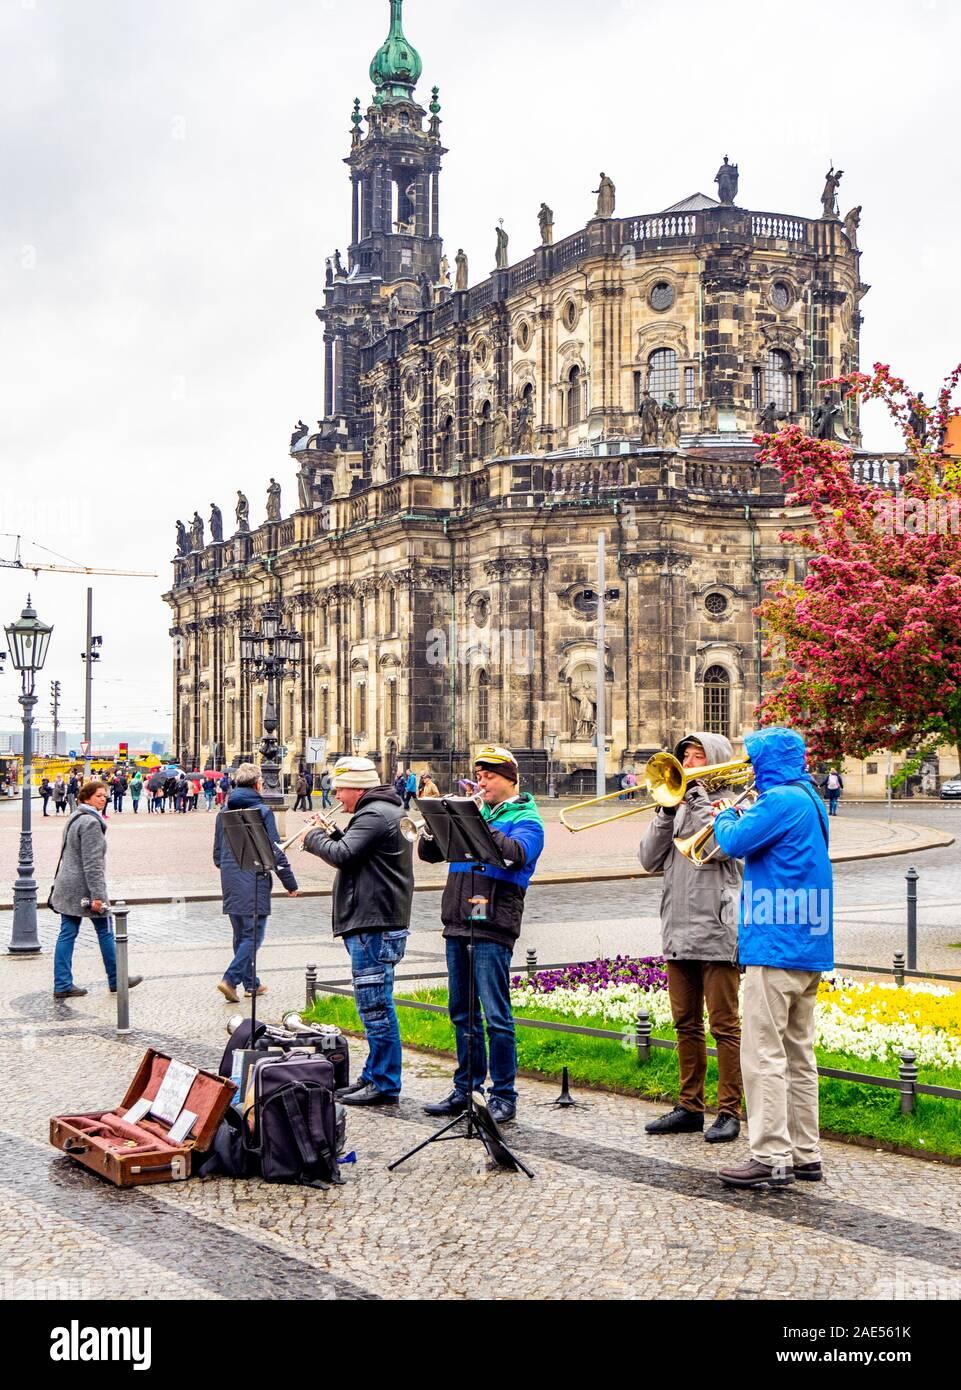 Dans la rue des musiciens et Theaterplatz cathédrale de la Sainte Trinité Dresde Saxe Allemagne. Banque D'Images